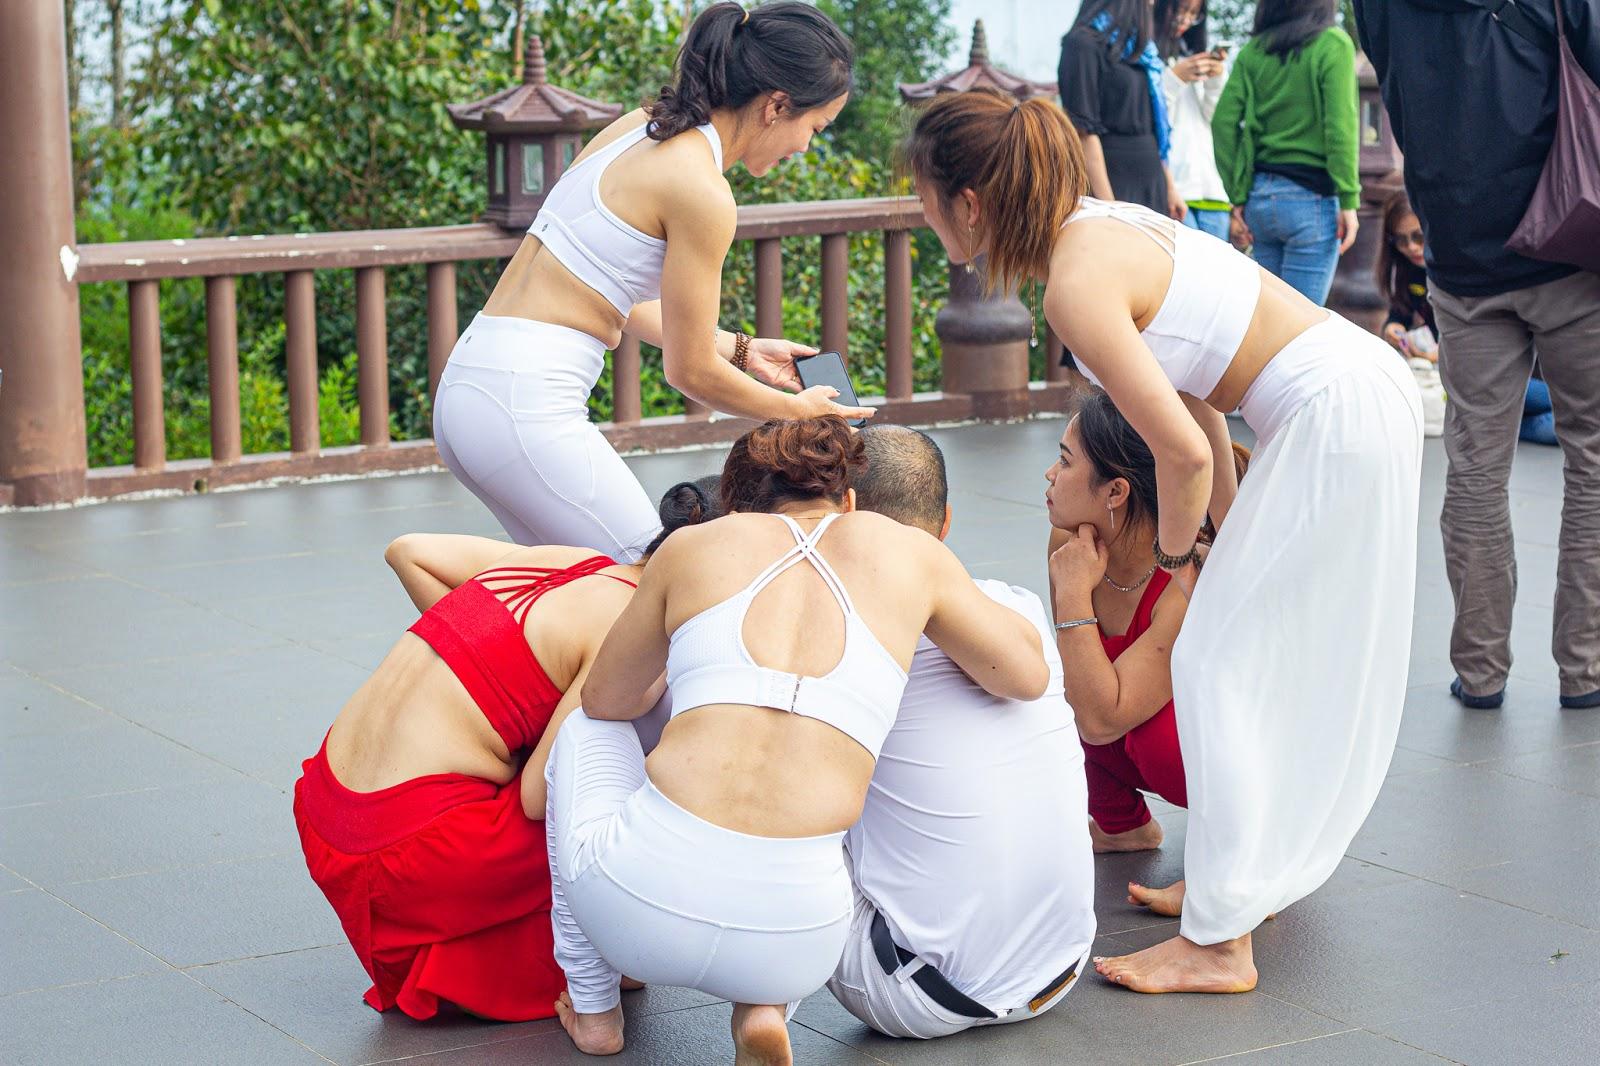 Độc Quyền - Cận cảnh nhóm phụ nữ U30 ăn mặc mát mẻ, tạo dáng nhạy cảm dù có biển cấm ở chùa Linh Quy Pháp Ấn - Hình 10